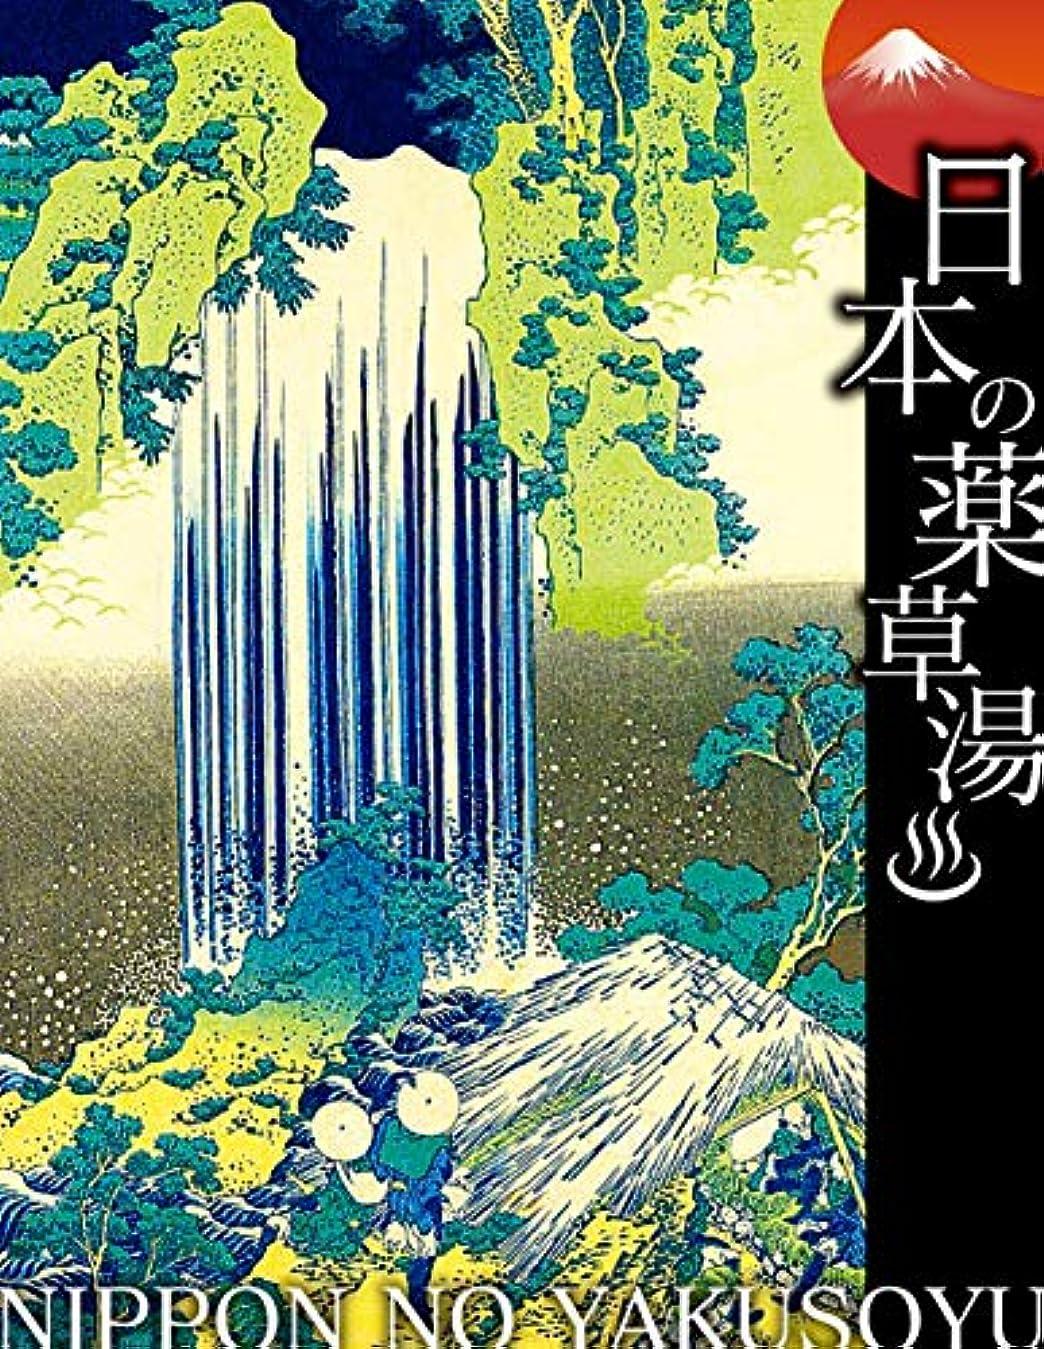 うるさい枕かわいらしい日本の薬草湯 美濃ノ国養老の瀧(諸国瀧廻り)